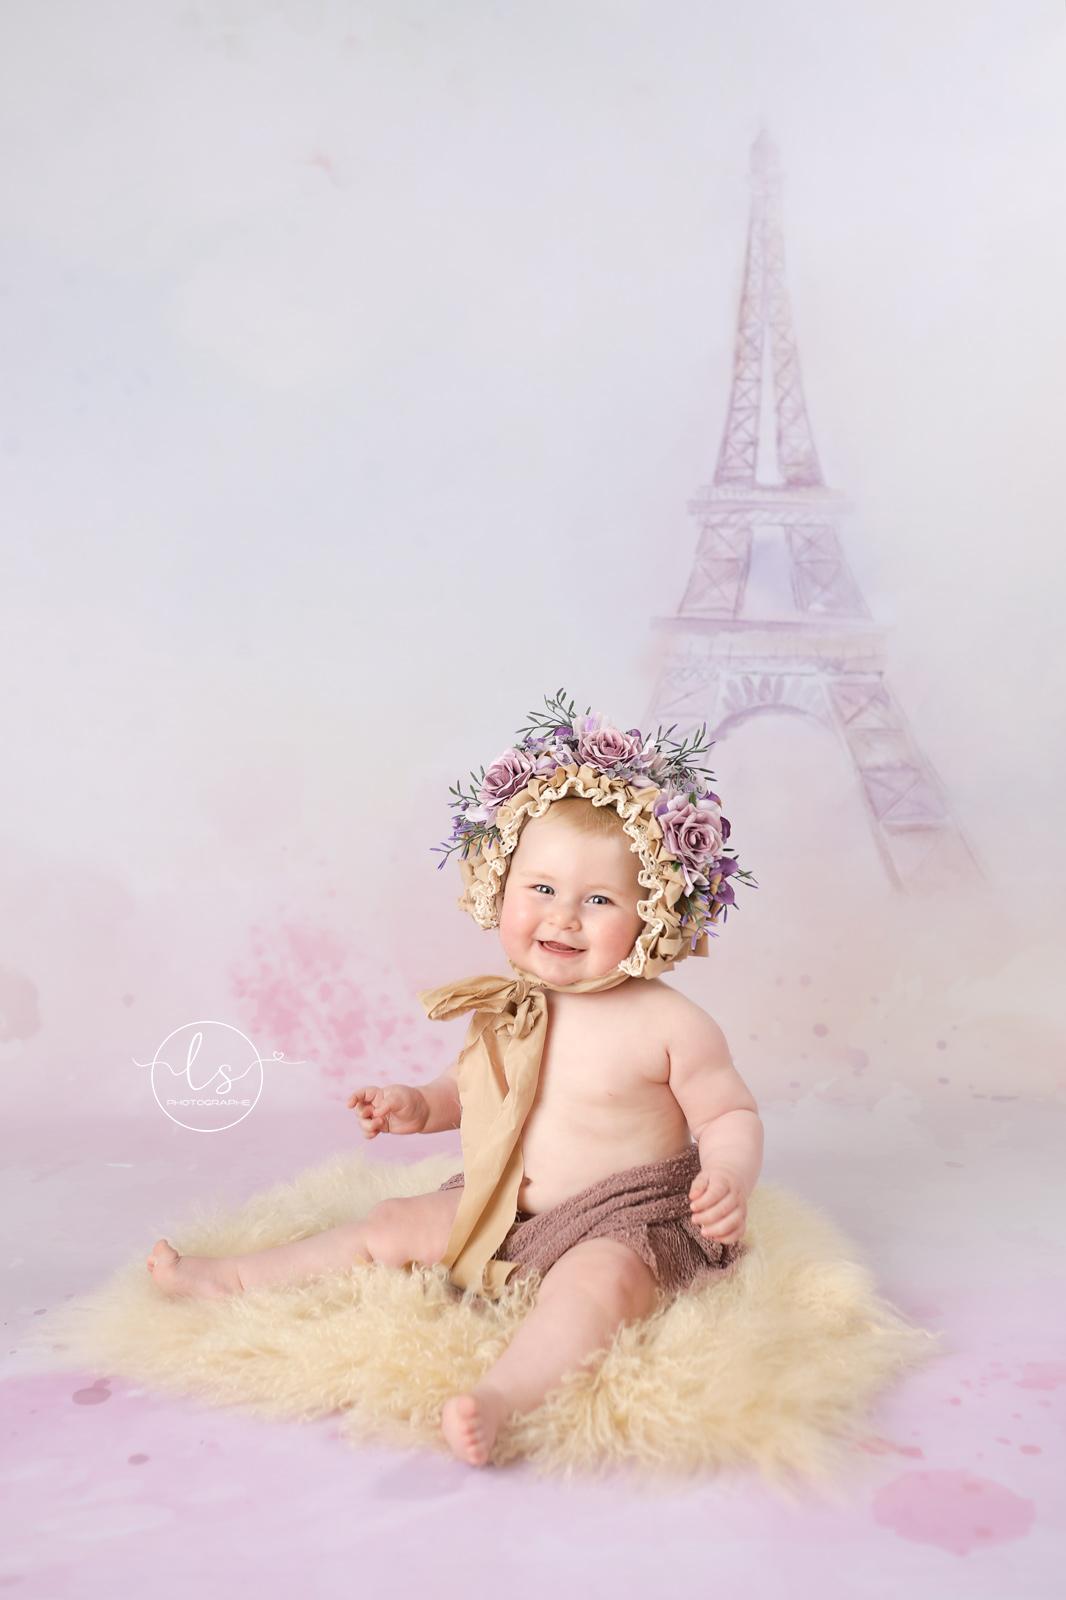 photo bébé bonnet fleurs Belgique tour Eiffel